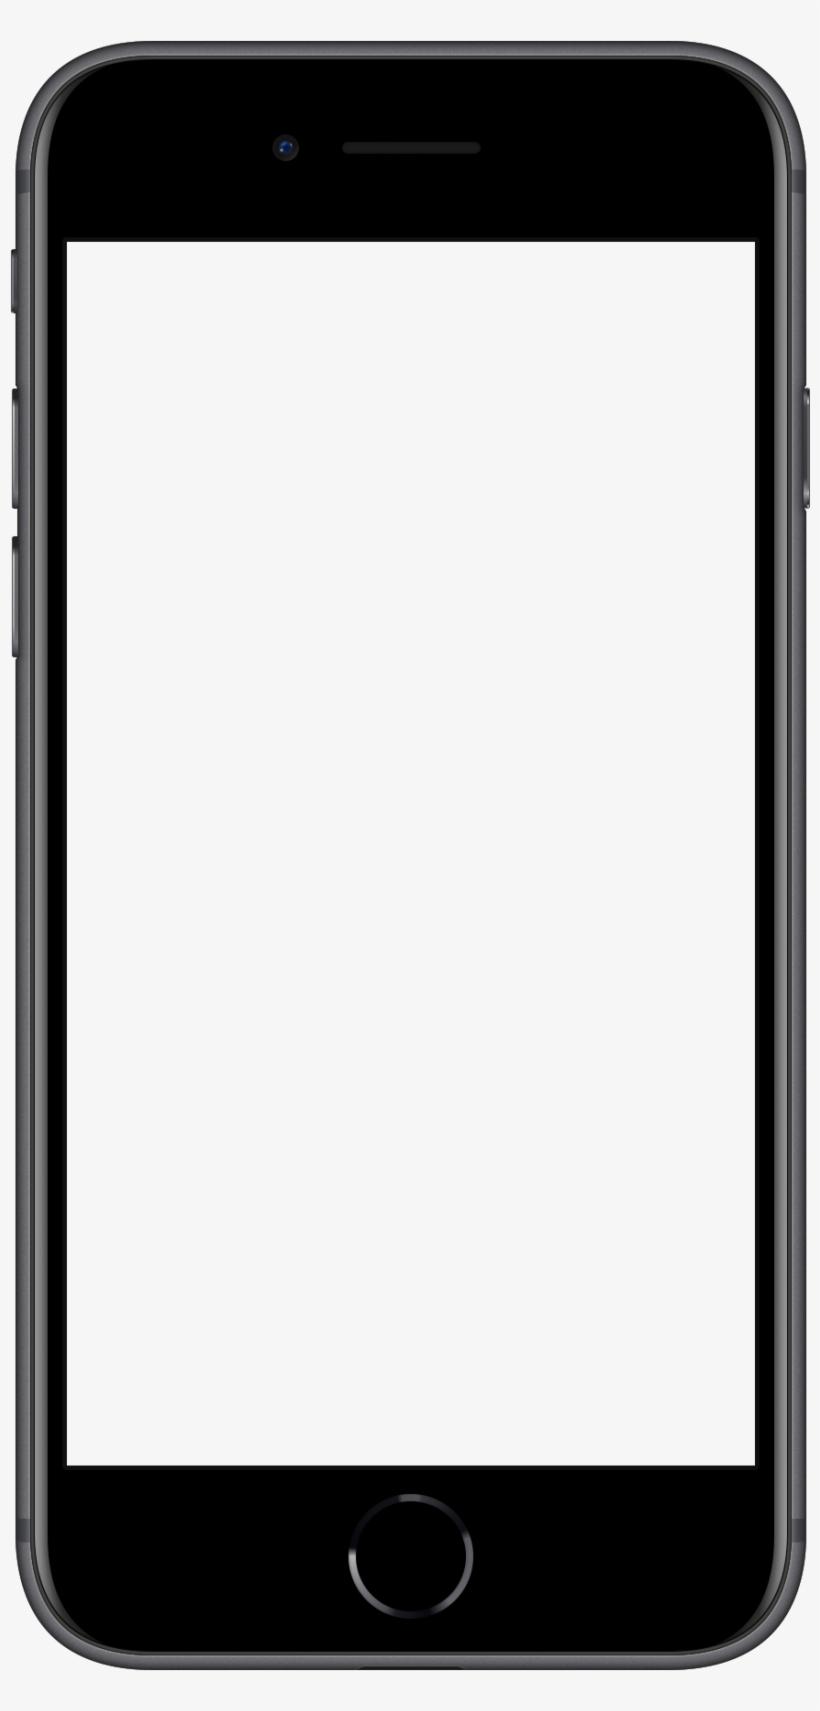 Iphone6 - Celular Png Iphone, transparent png #808690